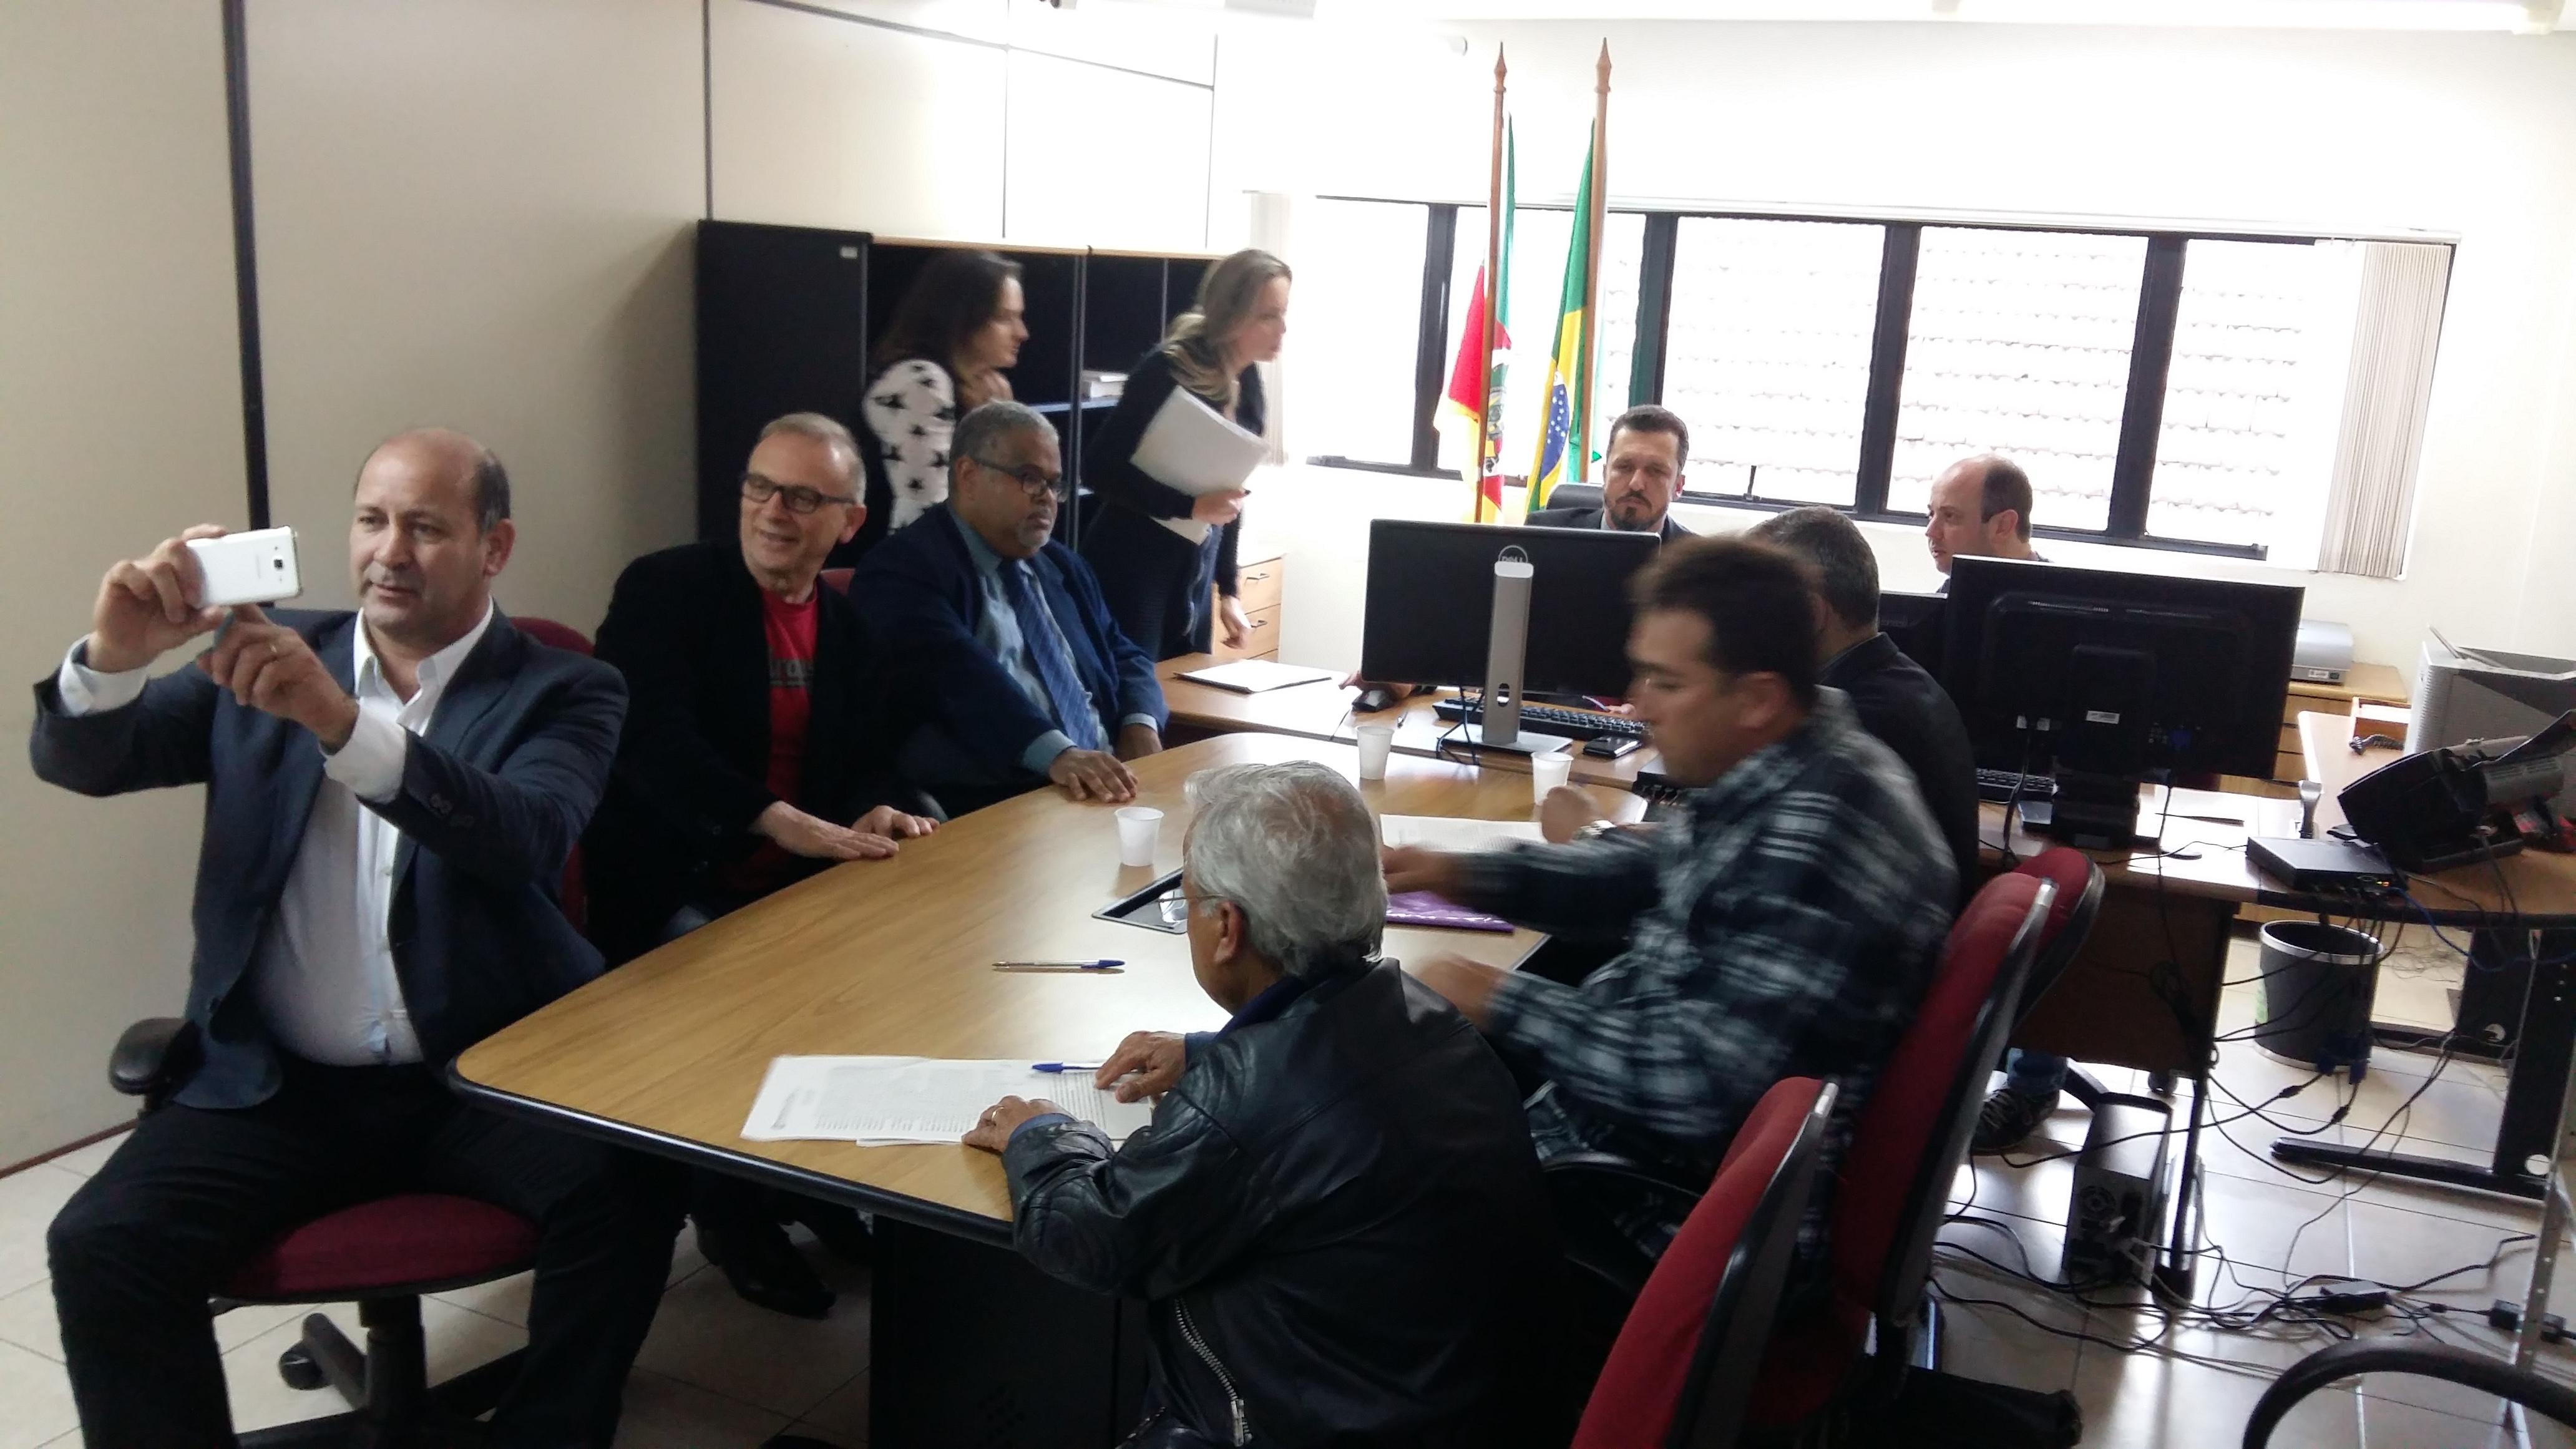 Atuação da Federação dos Movimentadores faz MPT reativar inquérito sobre trabalho análogo ao escravo no Ceasa do RS